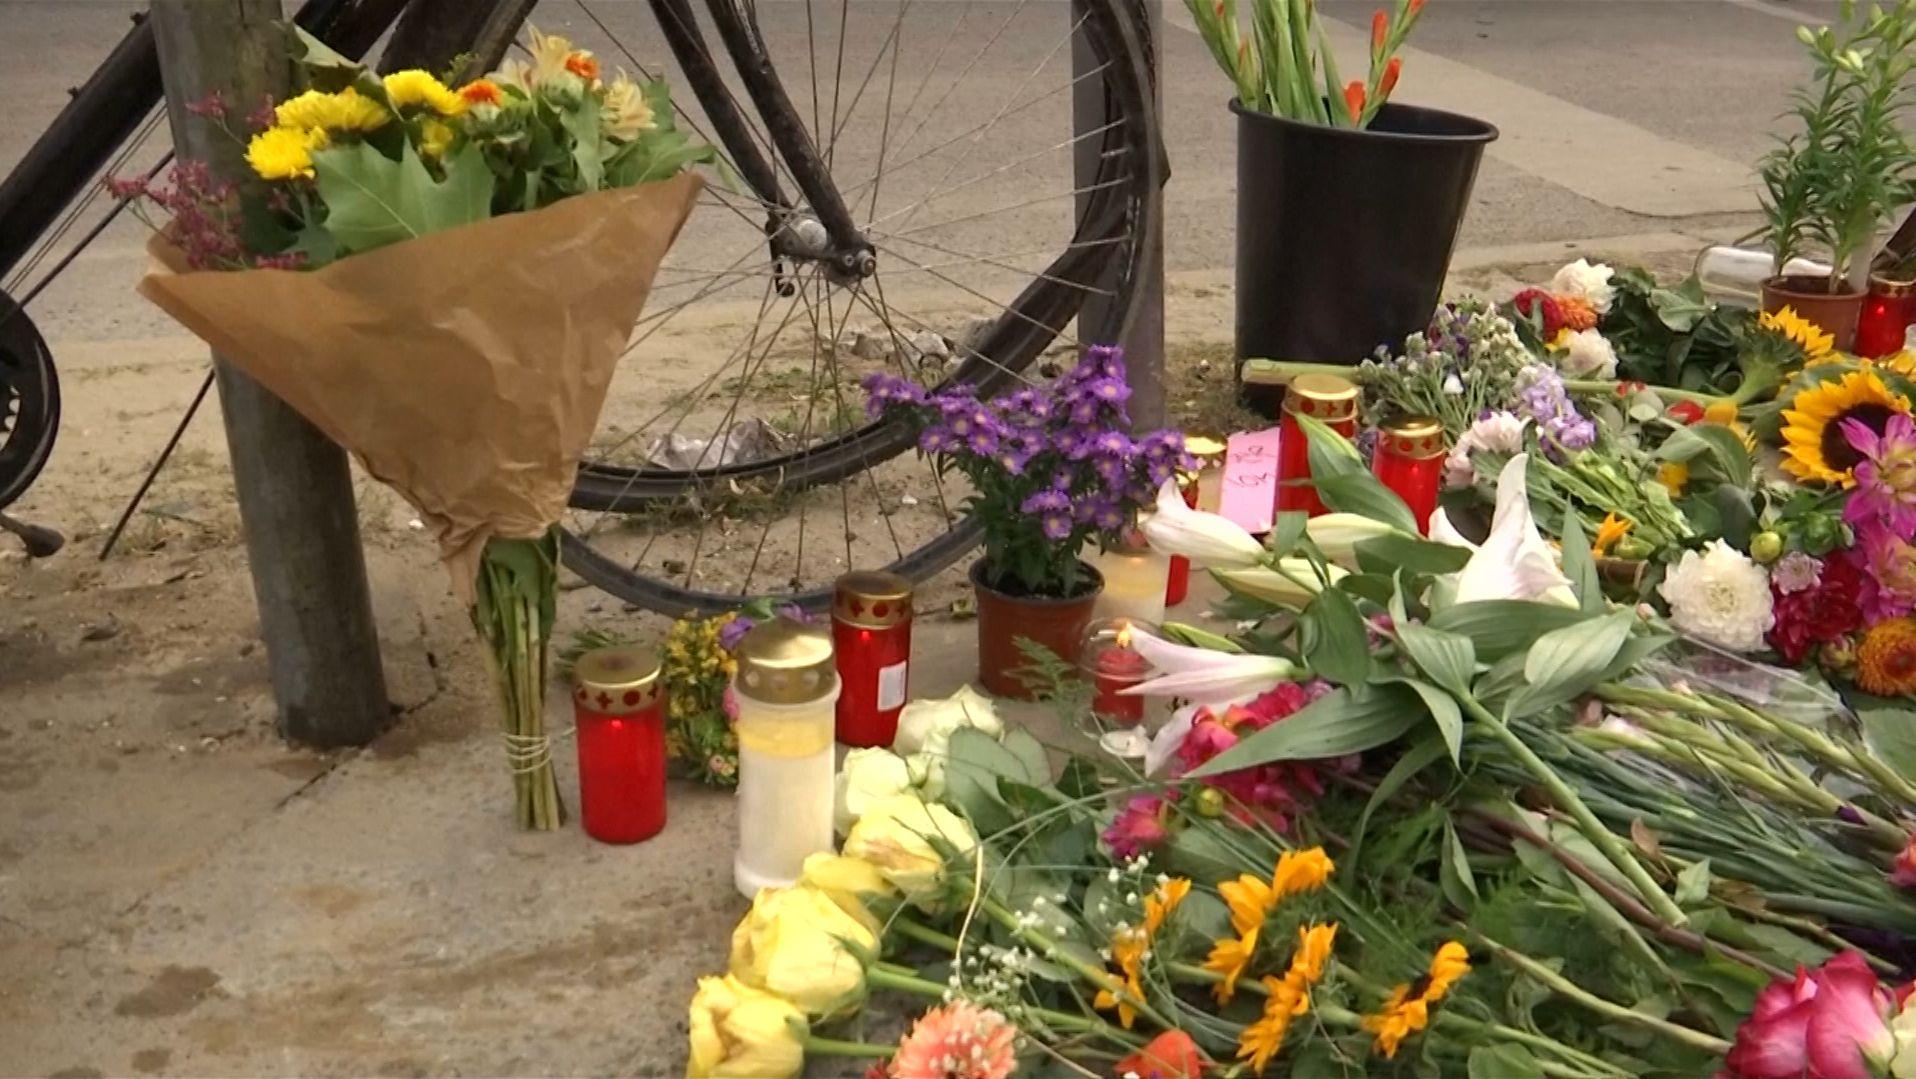 SUV-Unfall: Berliner Polizei ermittelt wegen fahrlässiger Tötung